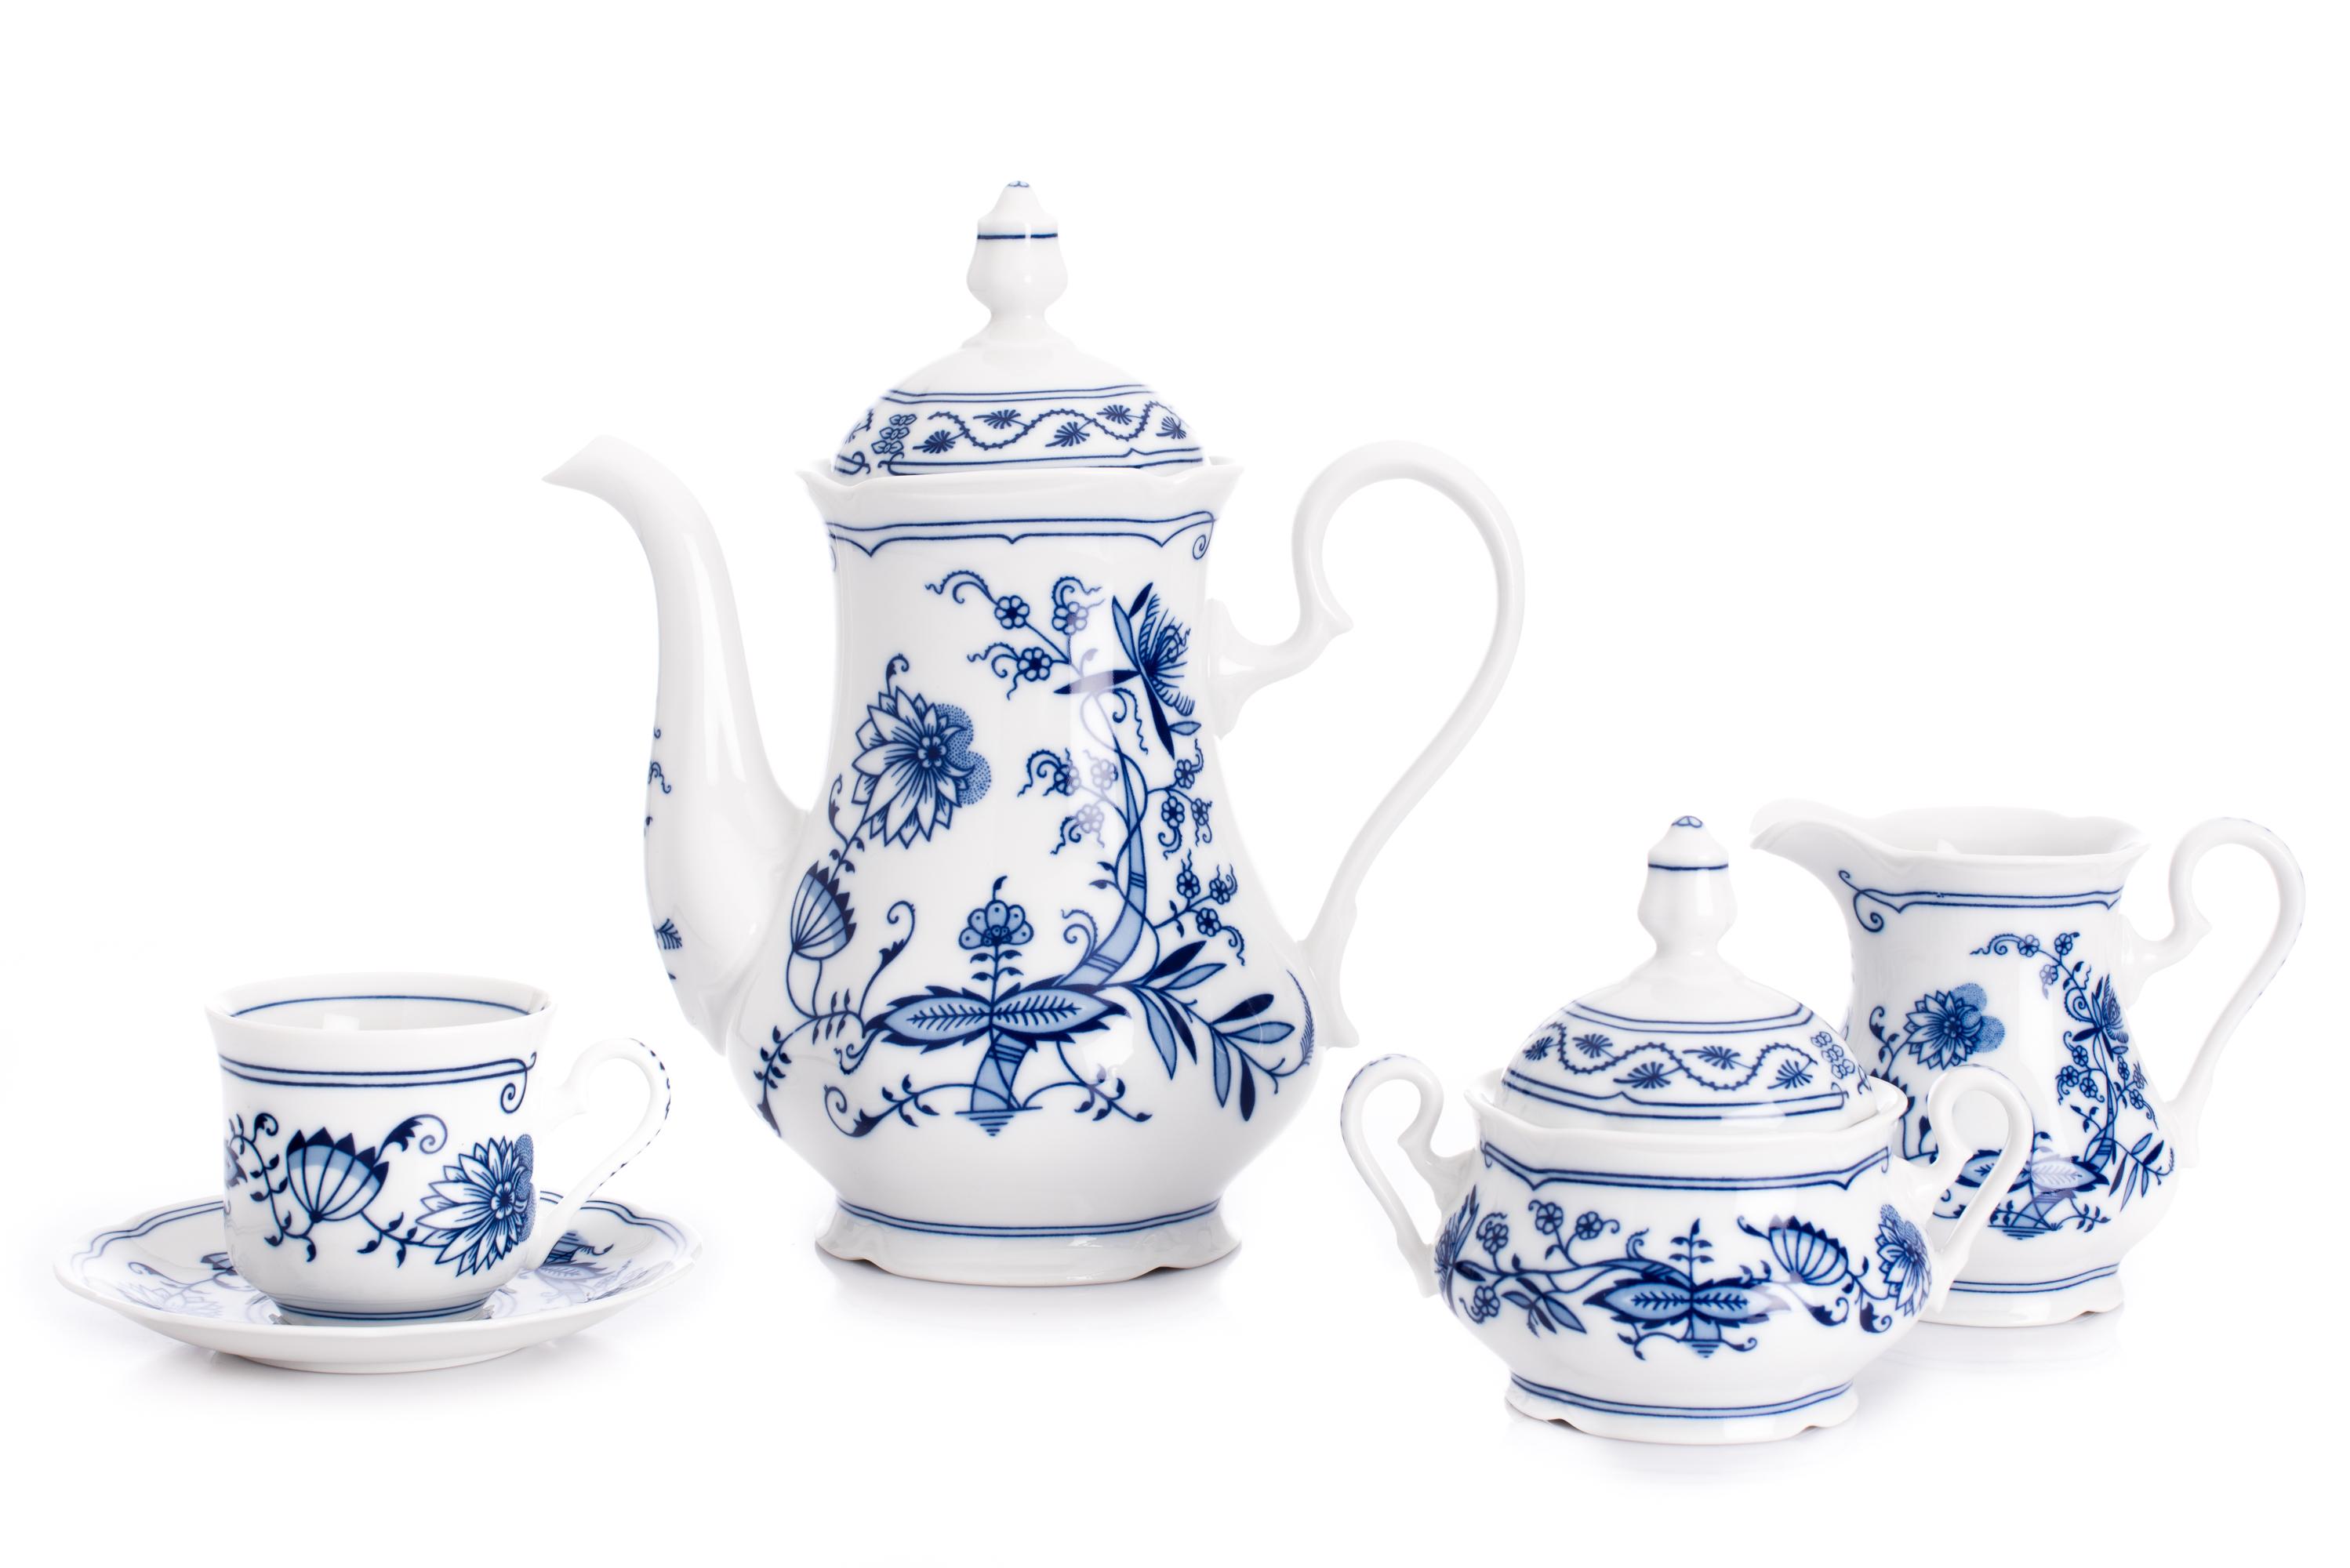 Cibulák, český porcelán Leander, kávová souprava, ruční práce, 15 dílná